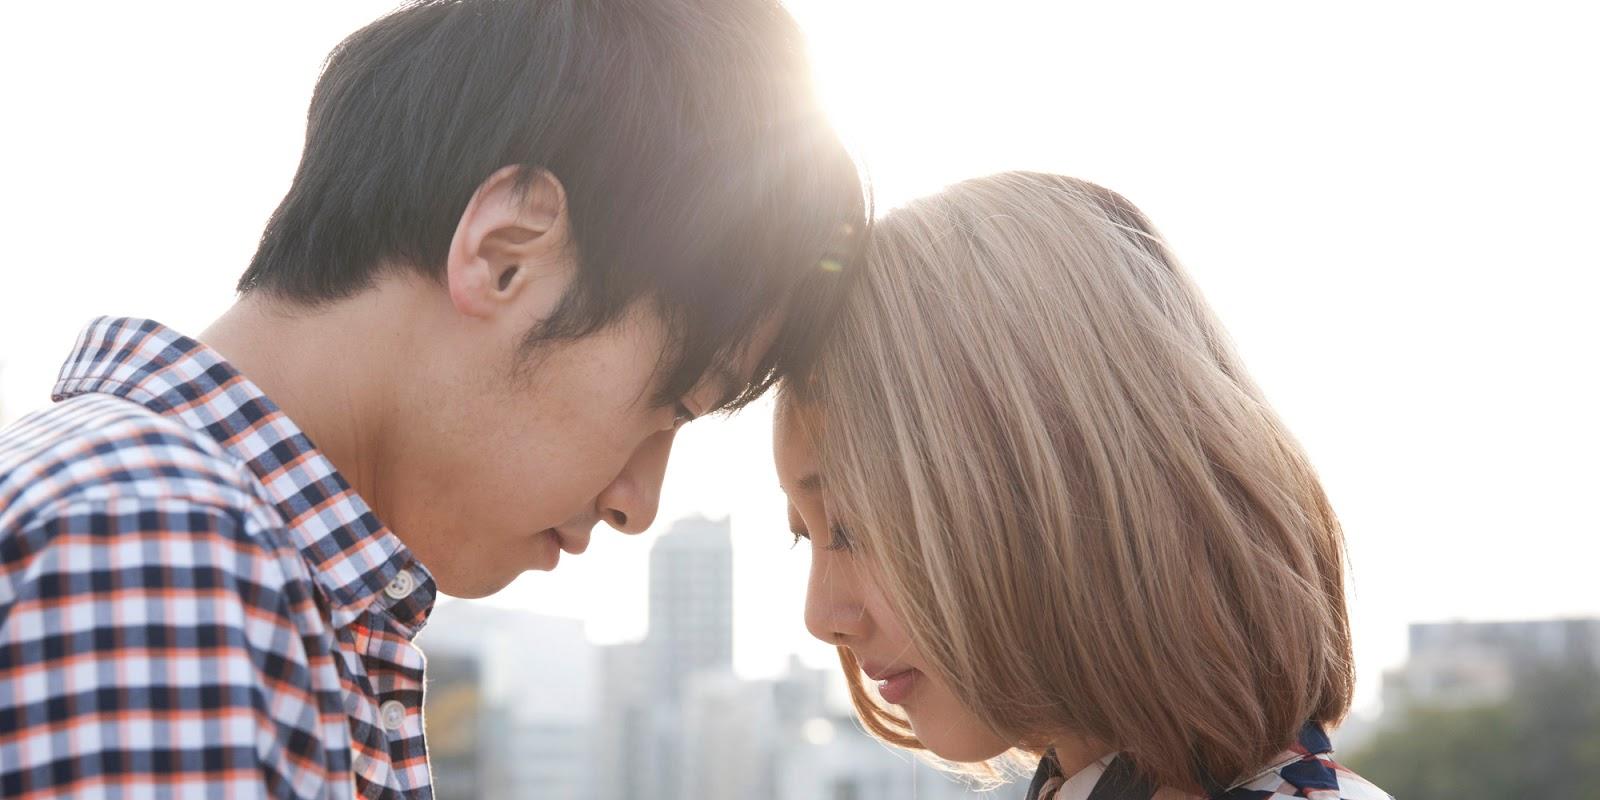 Ιαπωνικά dating ΗΠΑ Τι να κάνετε όταν βγαίνετε με το φλερτ του καλύτερου σας φίλου